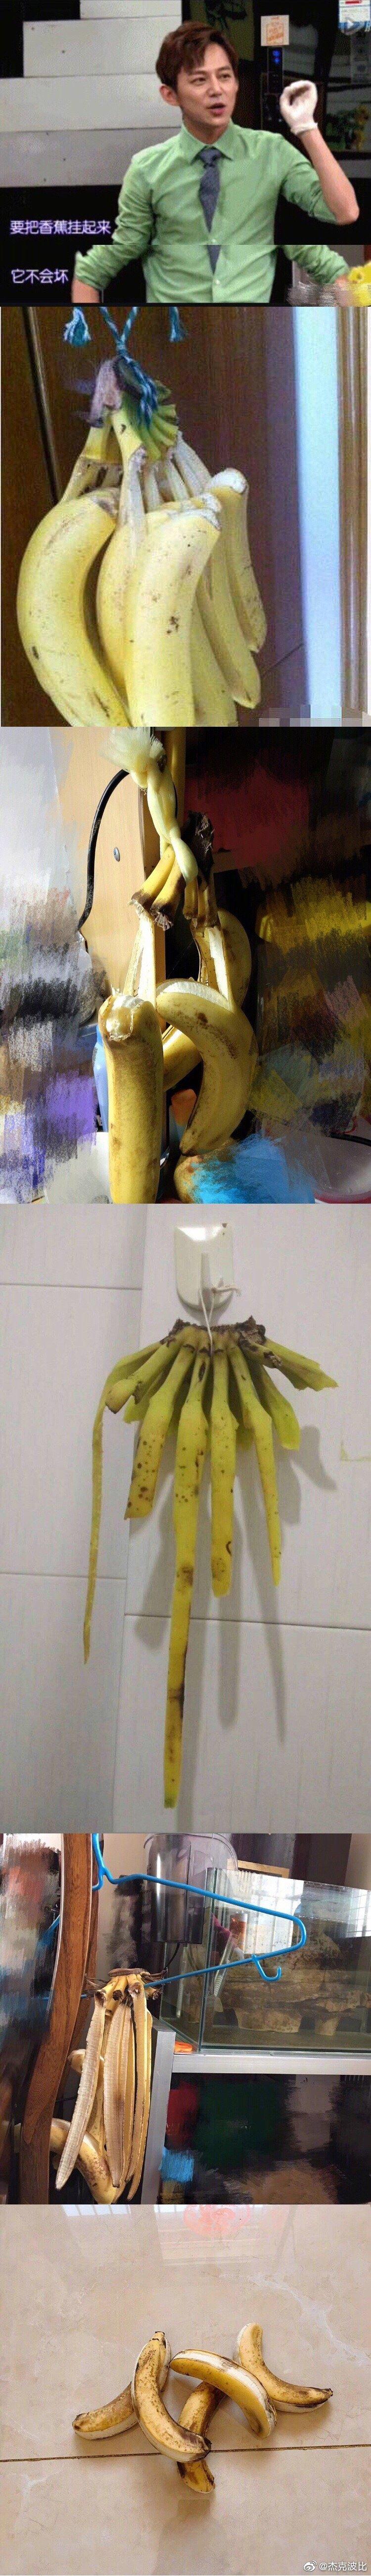 香蕉应不应该挂起来 涨姿势 第2张